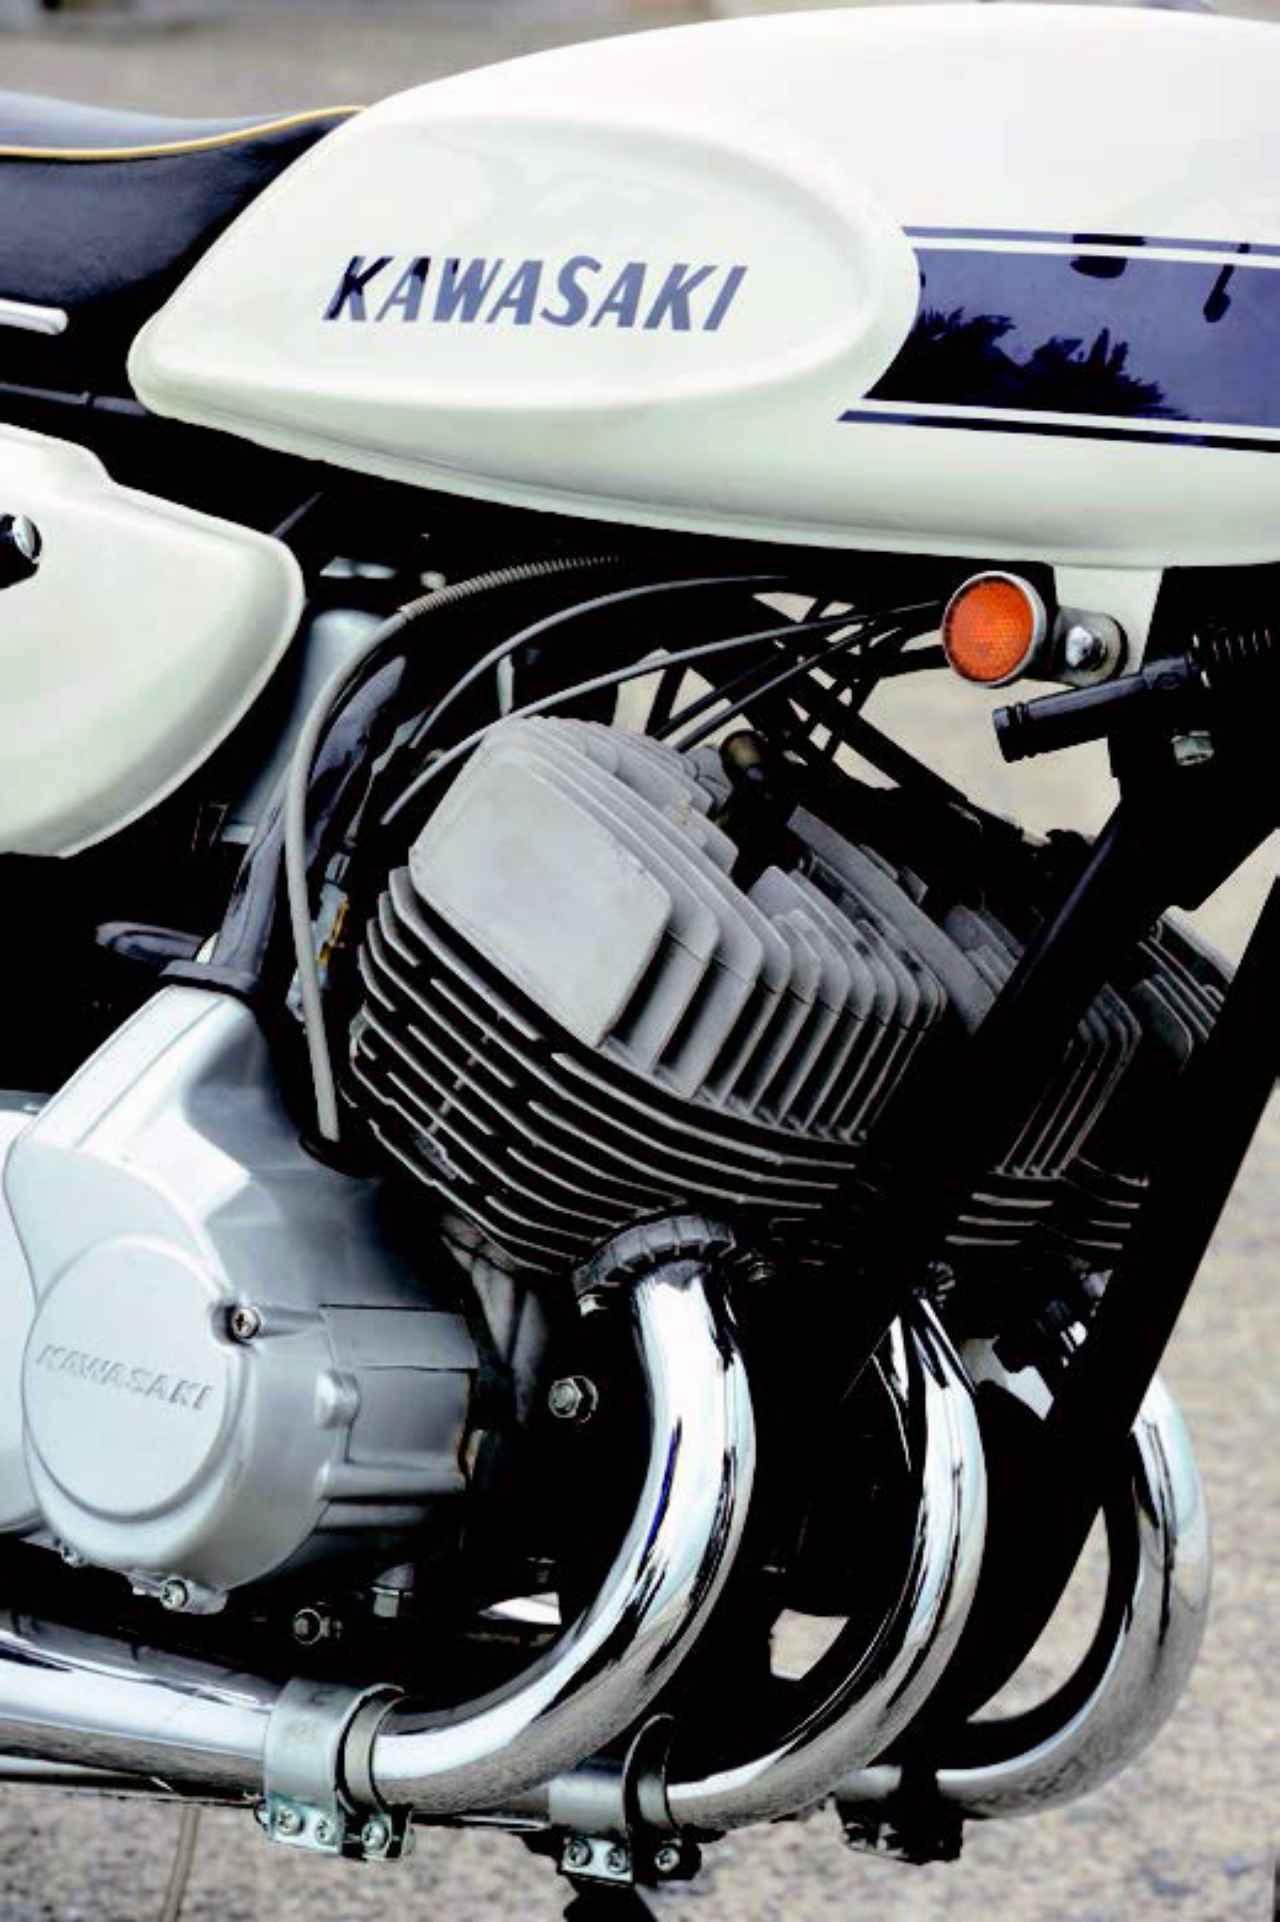 画像: 量産車初のCDI 点火方式を採用した最初期型の空冷ピストンバルブ3気筒エンジン。この長い冷却フィンも独特の金属音を発する一因となっている。